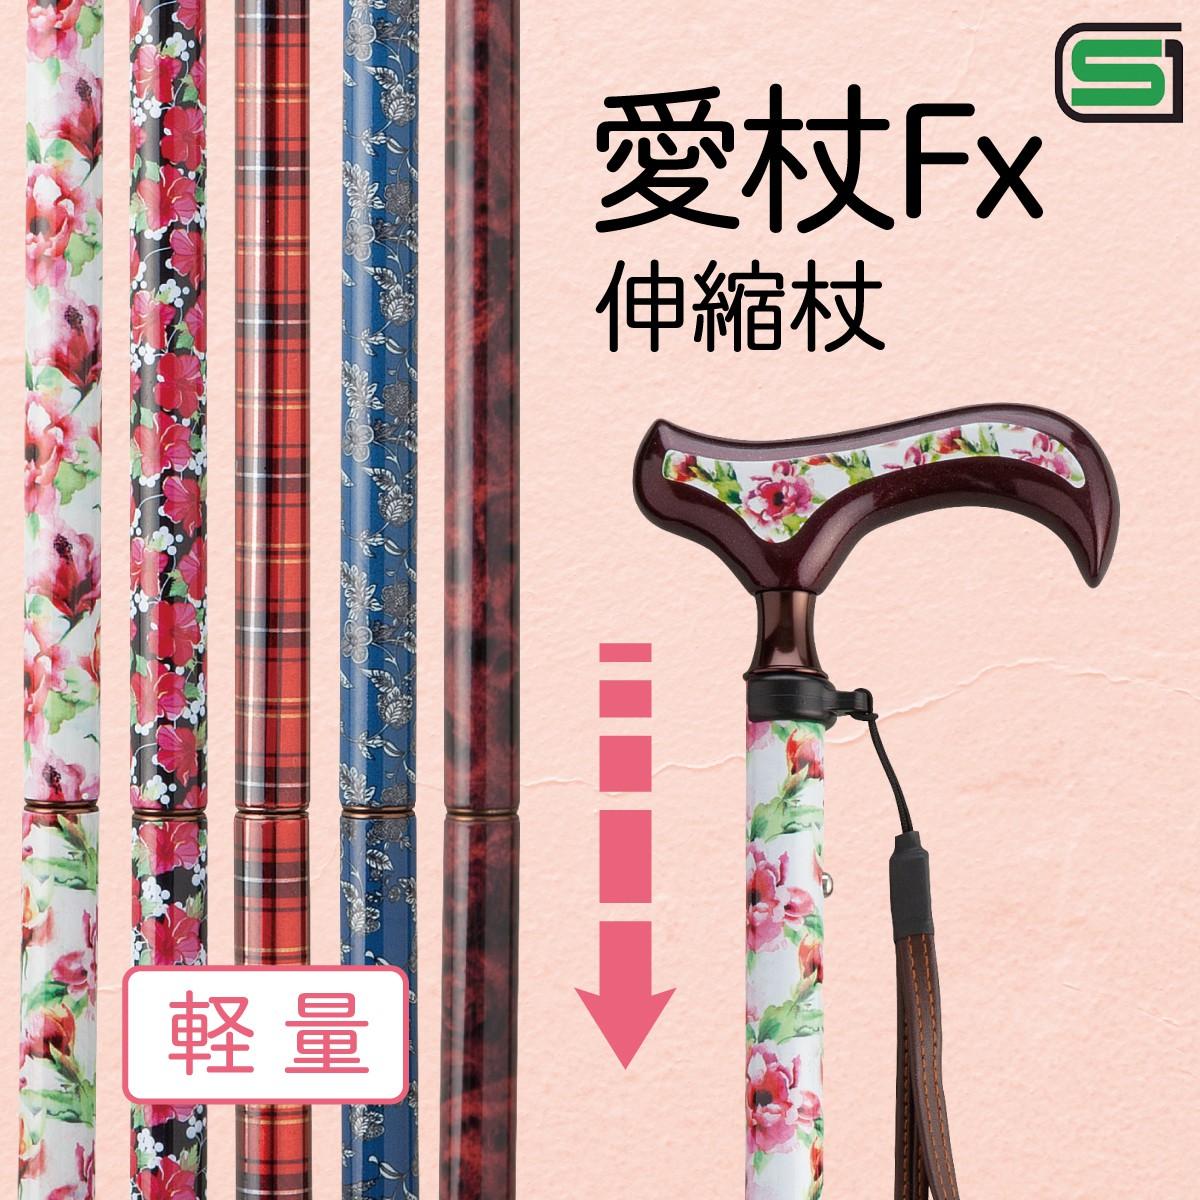 伸縮杖 伸縮型杖 愛杖 Fx-11A ストラップ付き